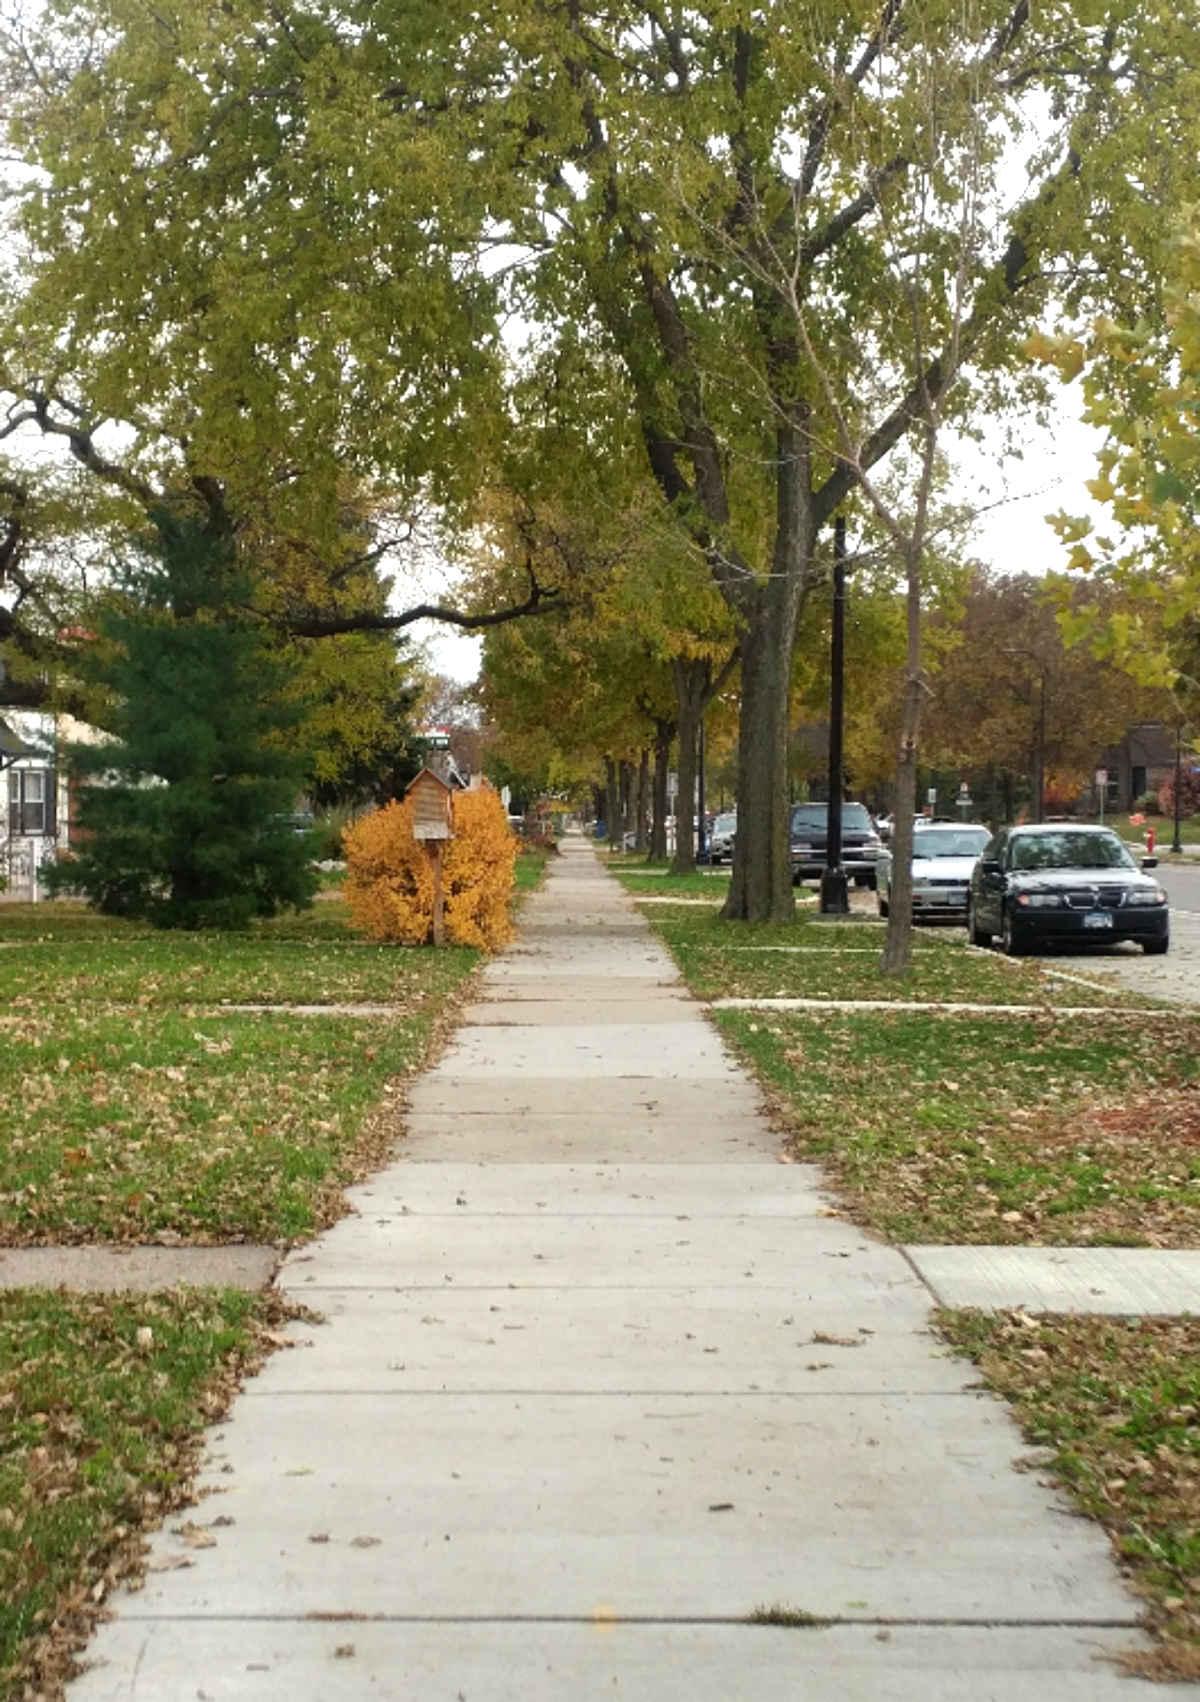 Receding sidewalk